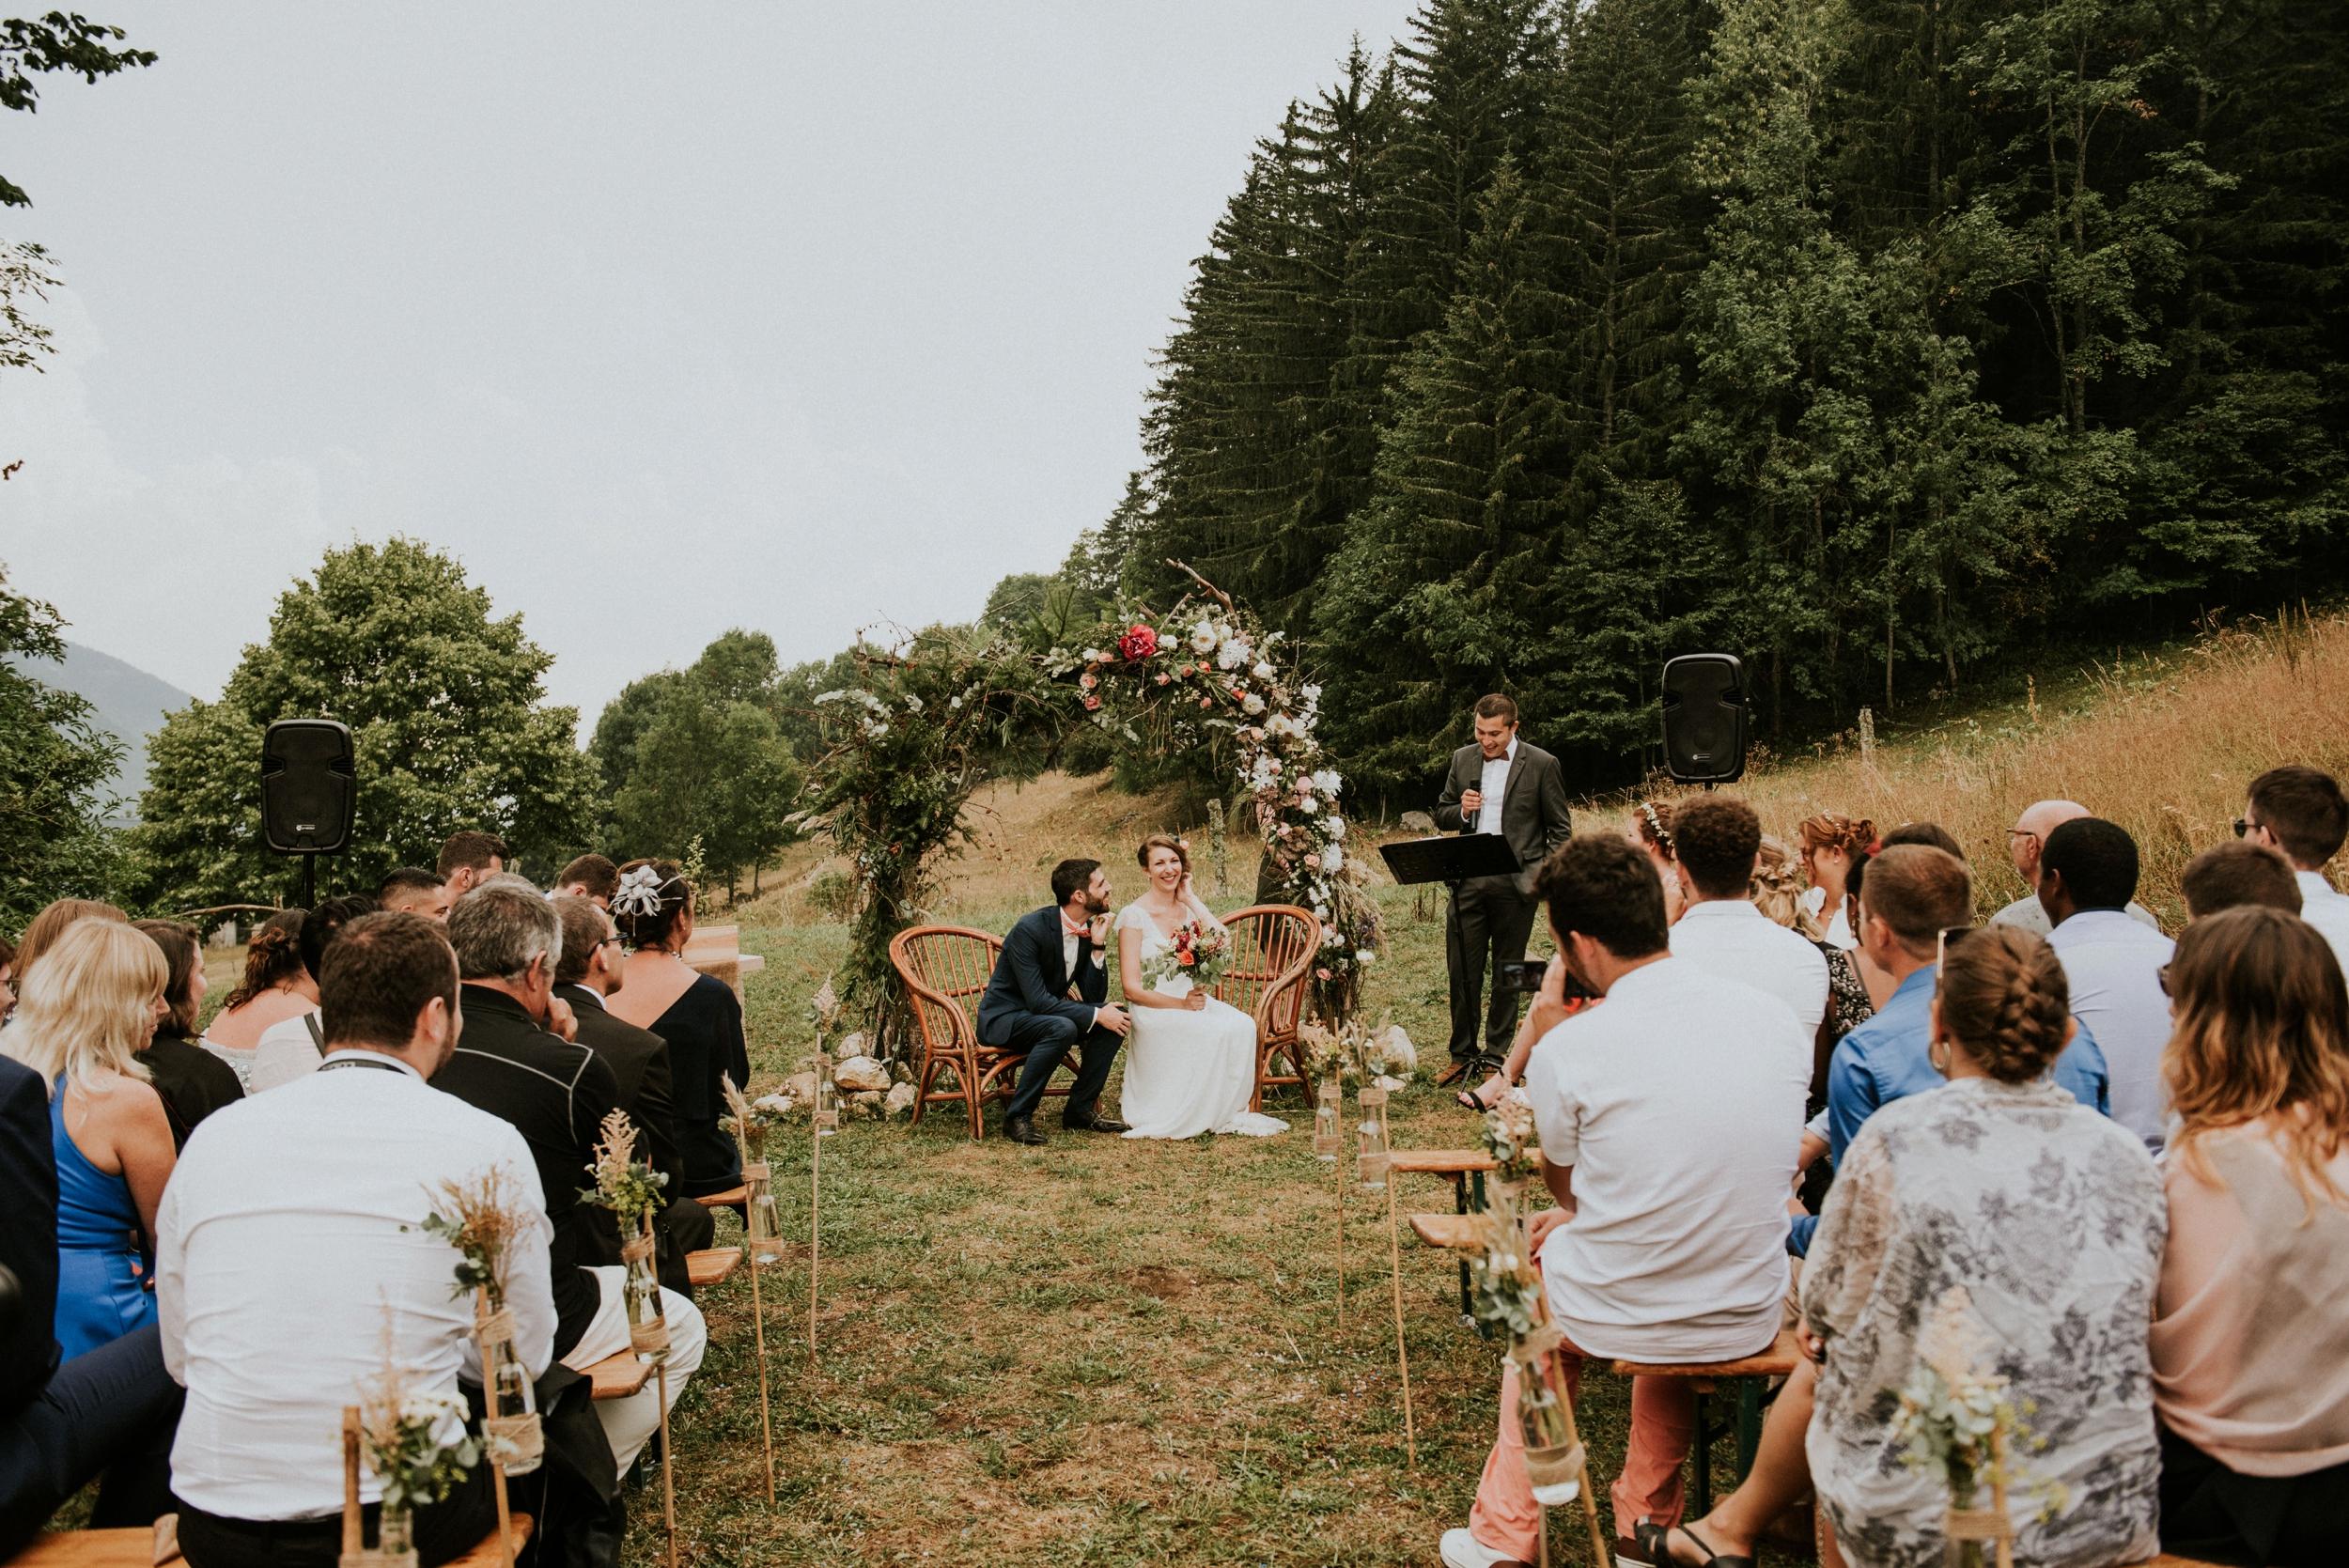 photographe mariage rhone alpes grenoble lyon annecy geneve montagne ceremonie laique_0011